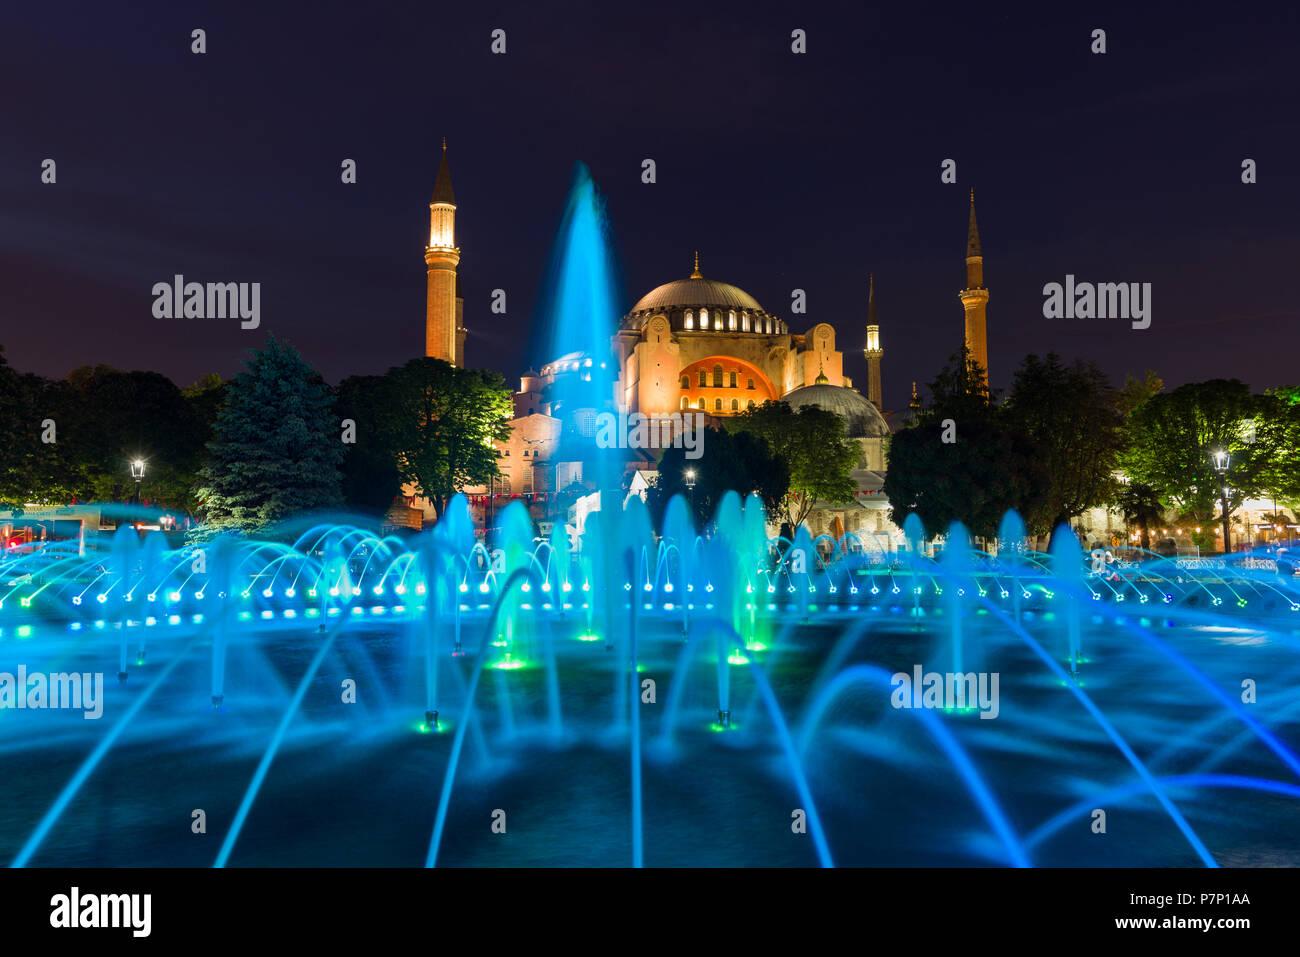 Il sultano Ahmad Maydan fontana illuminata con il Museo Hagia Sophia in background al crepuscolo, Istanbul, Turchia Immagini Stock